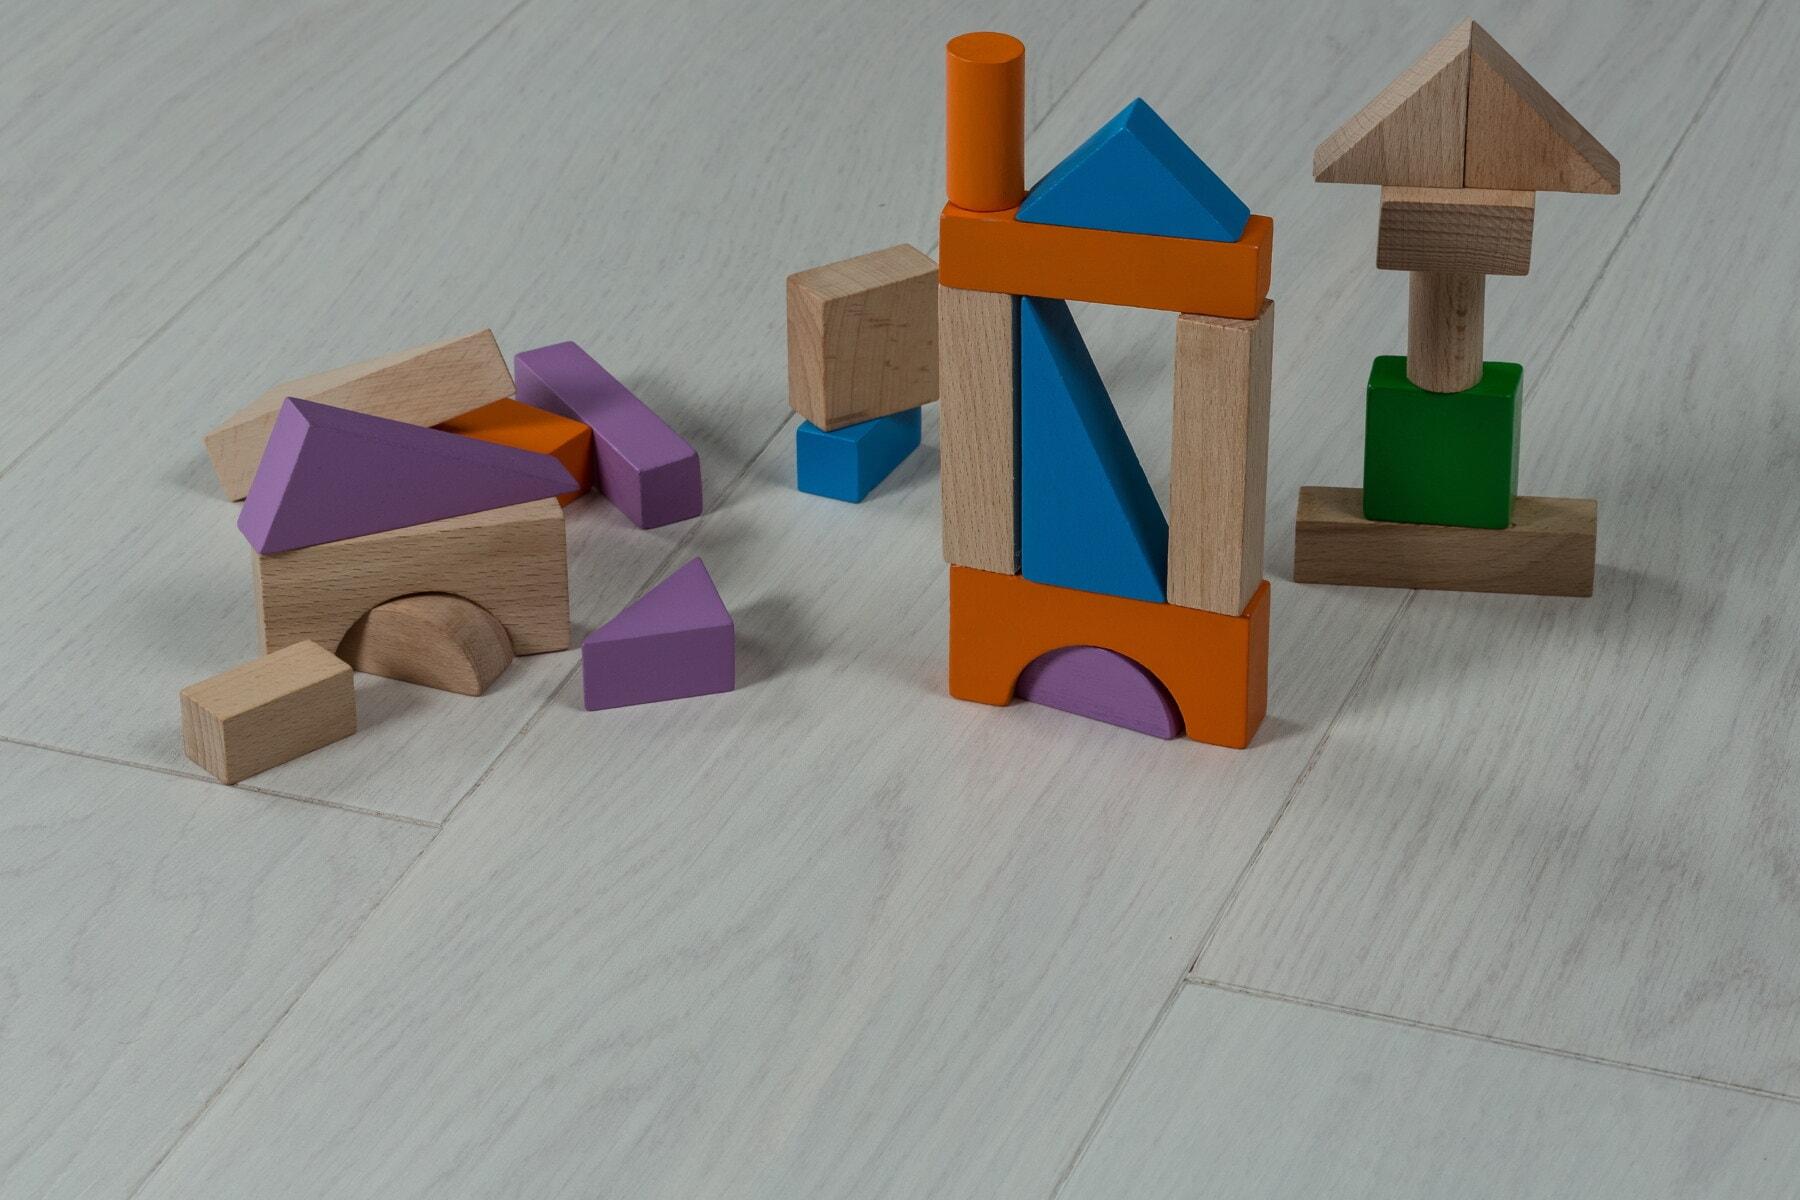 aus Holz, Form, Spielzeug, Würfel, Dreieck, Kindheit, spielen, Bau, Kreativität, im Feld